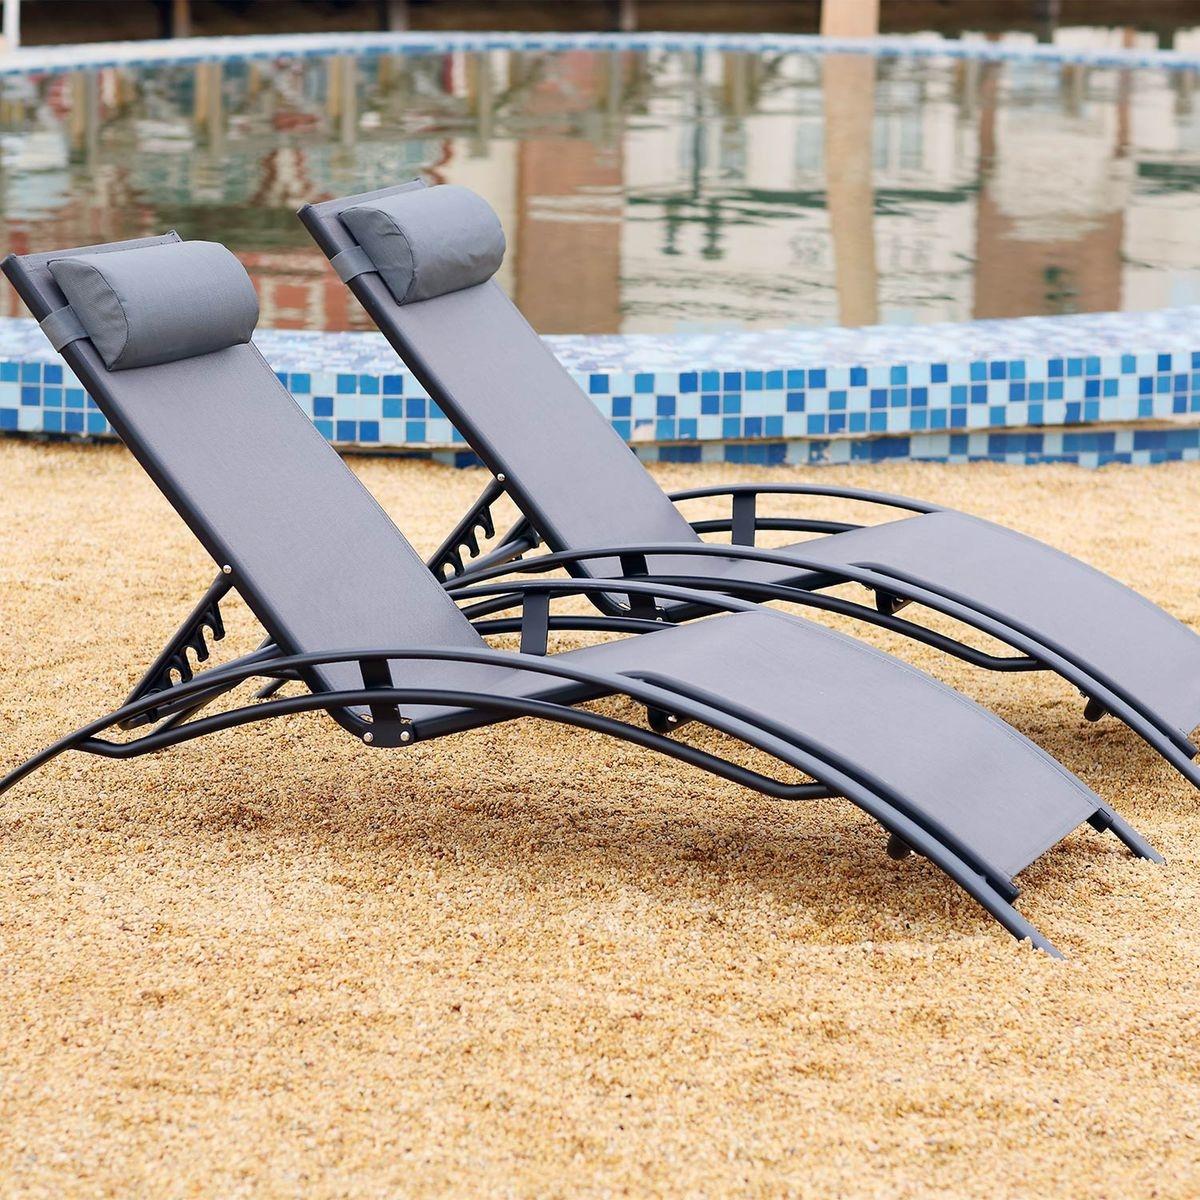 Transat Chaise Longue Jardin Meubles Deco